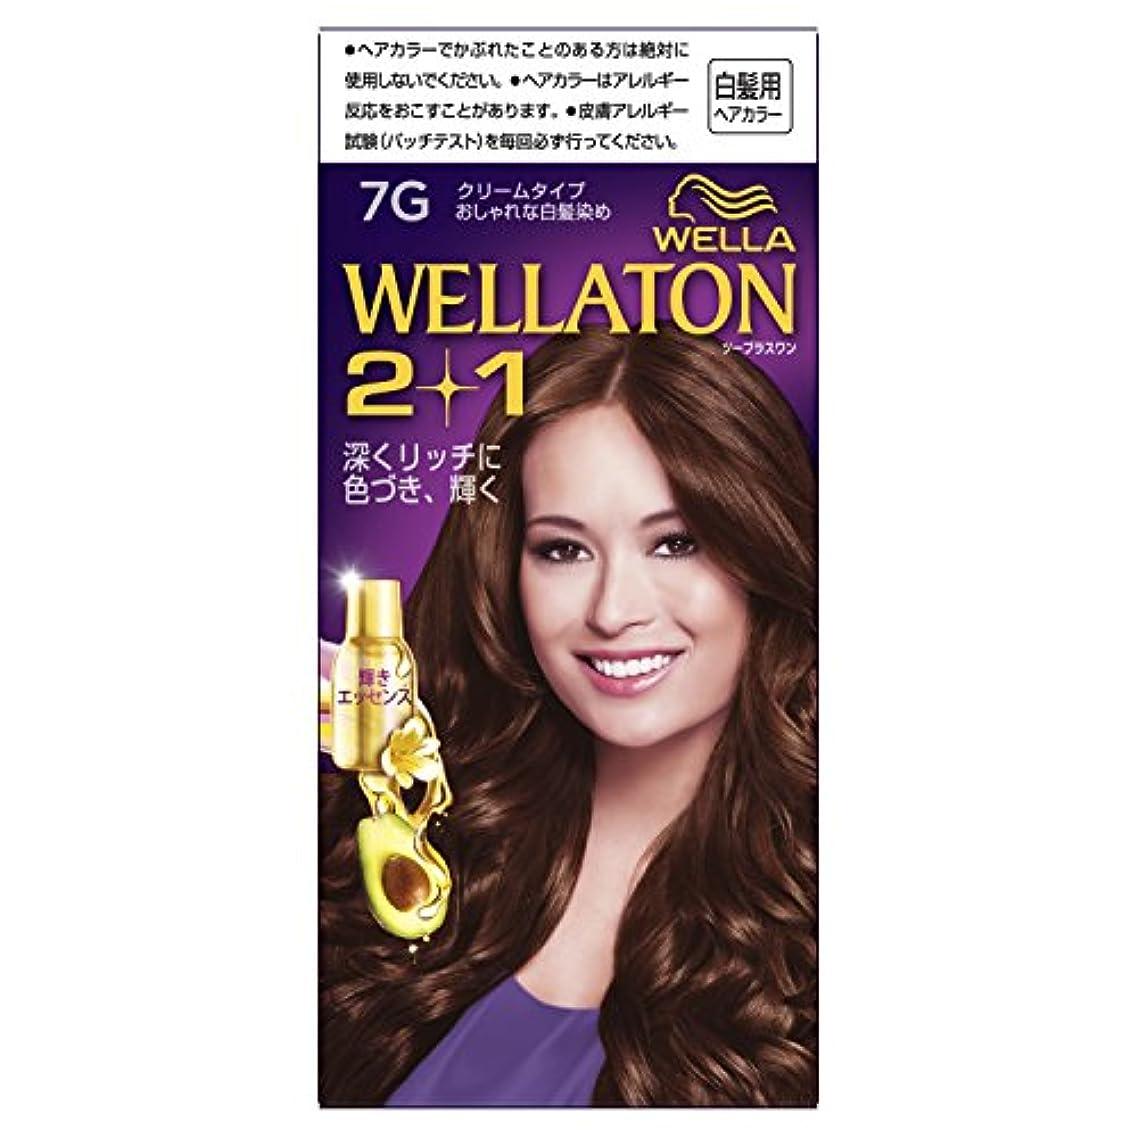 ひらめき会社世紀ウエラトーン2+1 クリームタイプ 7G [医薬部外品](おしゃれな白髪染め)